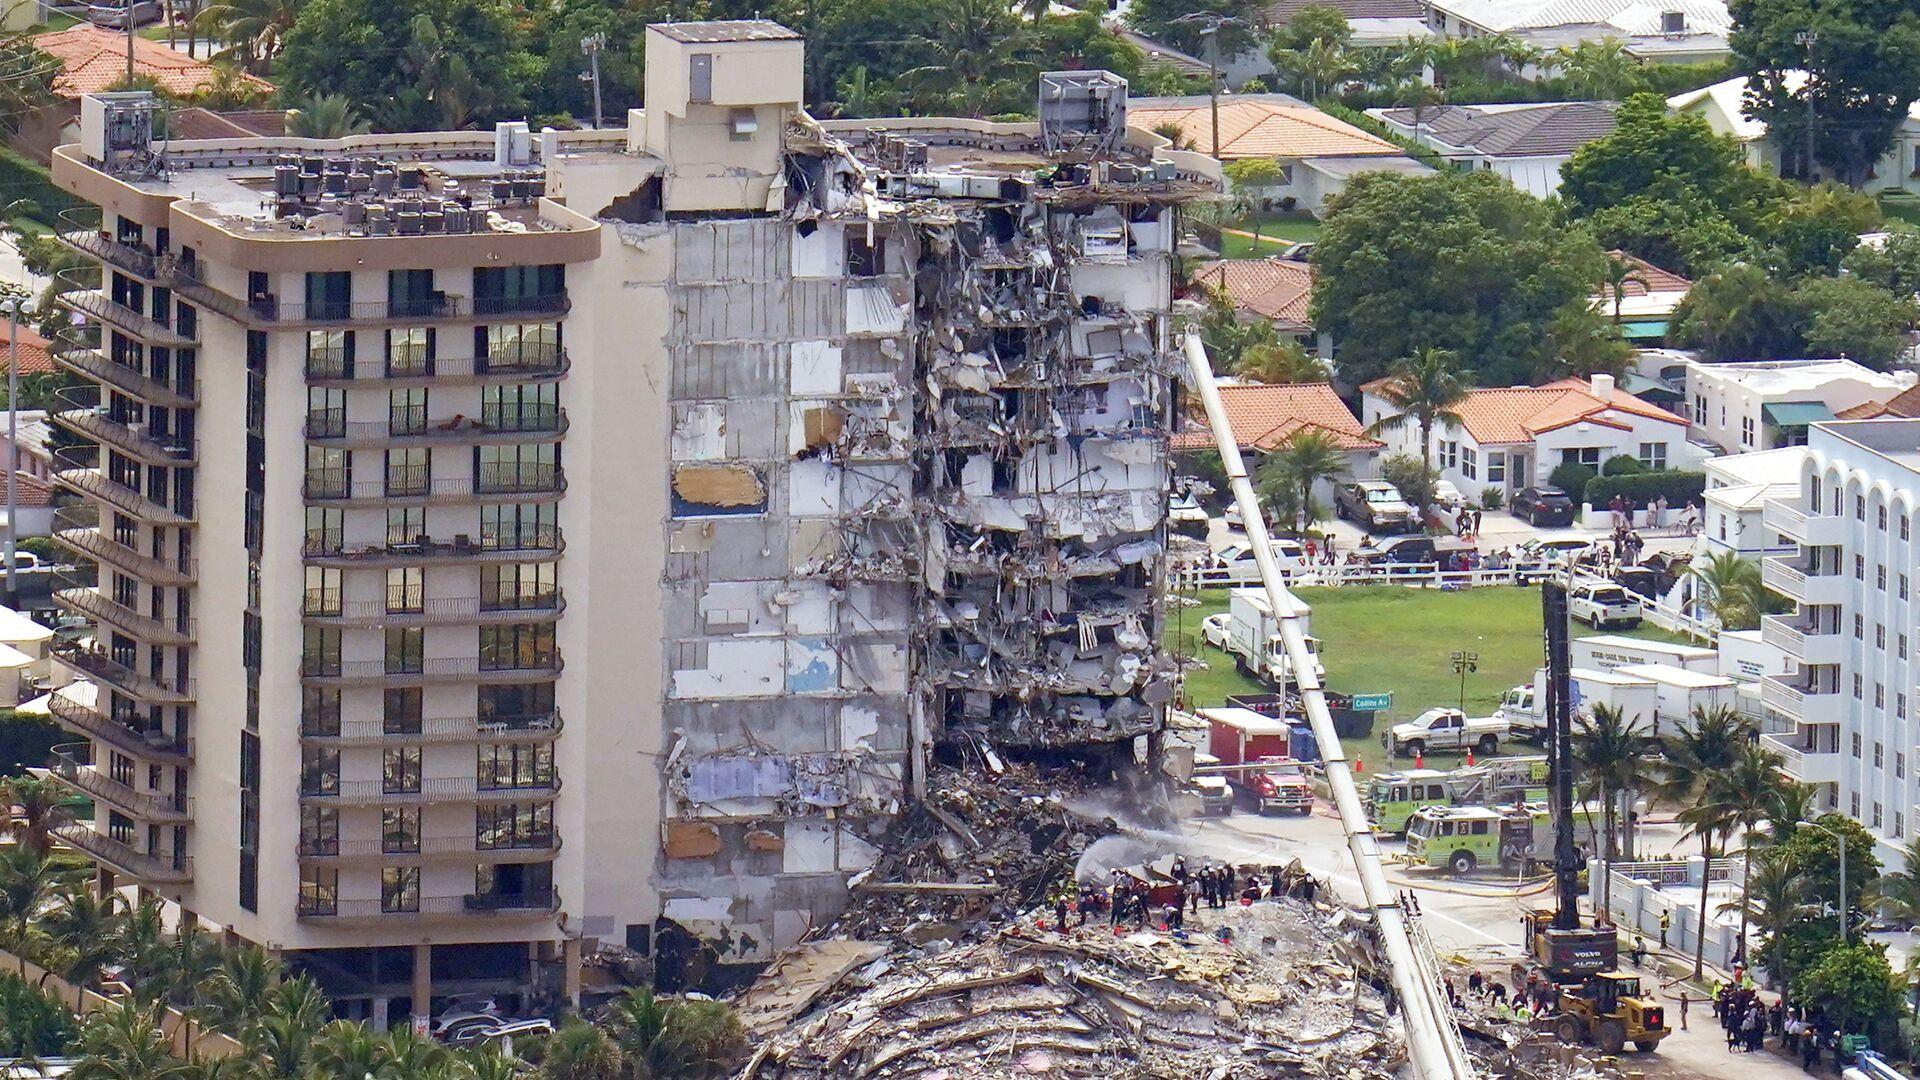 Рабочие обыскивают завалы здания в Серфсайде, штат Флорида - Sputnik Italia, 1920, 05.07.2021